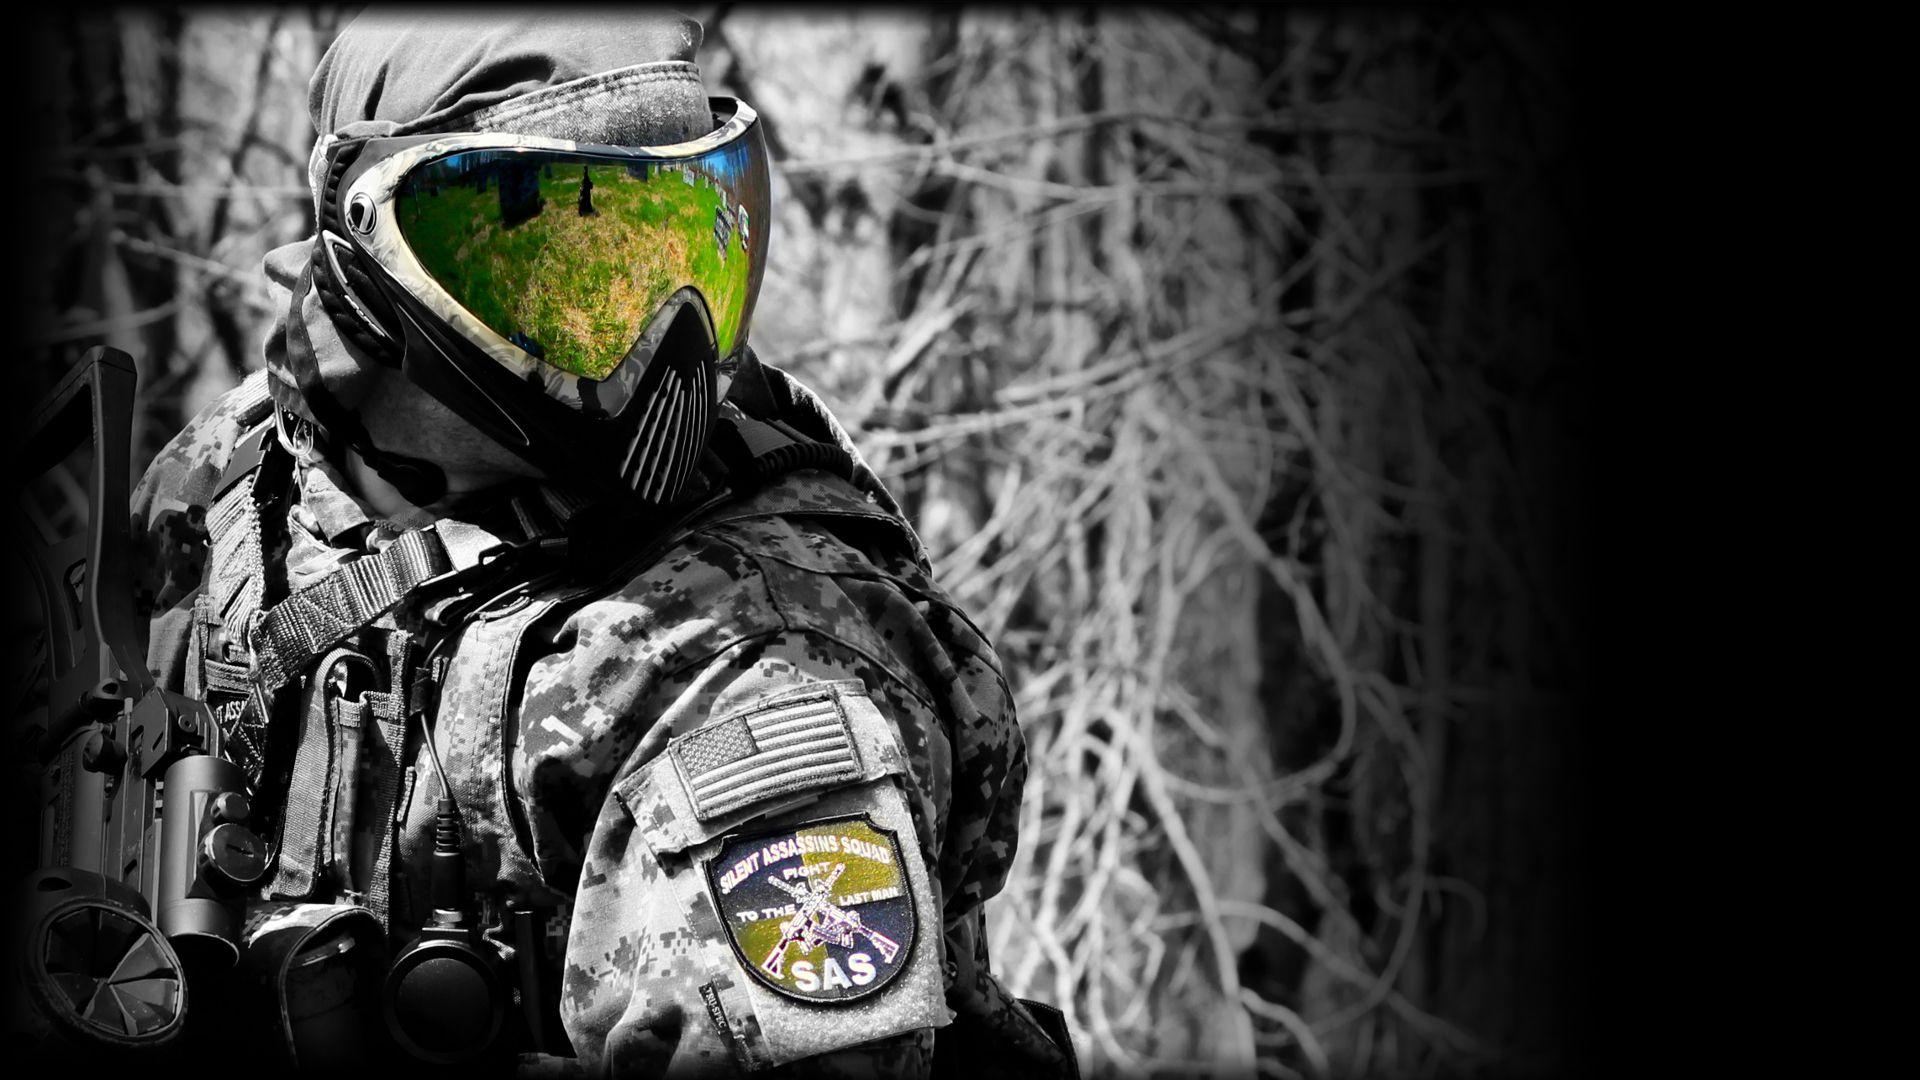 Silent Assassin Squad S A S Woodsball For U All Woodsball Paintball Battlefield Hardline